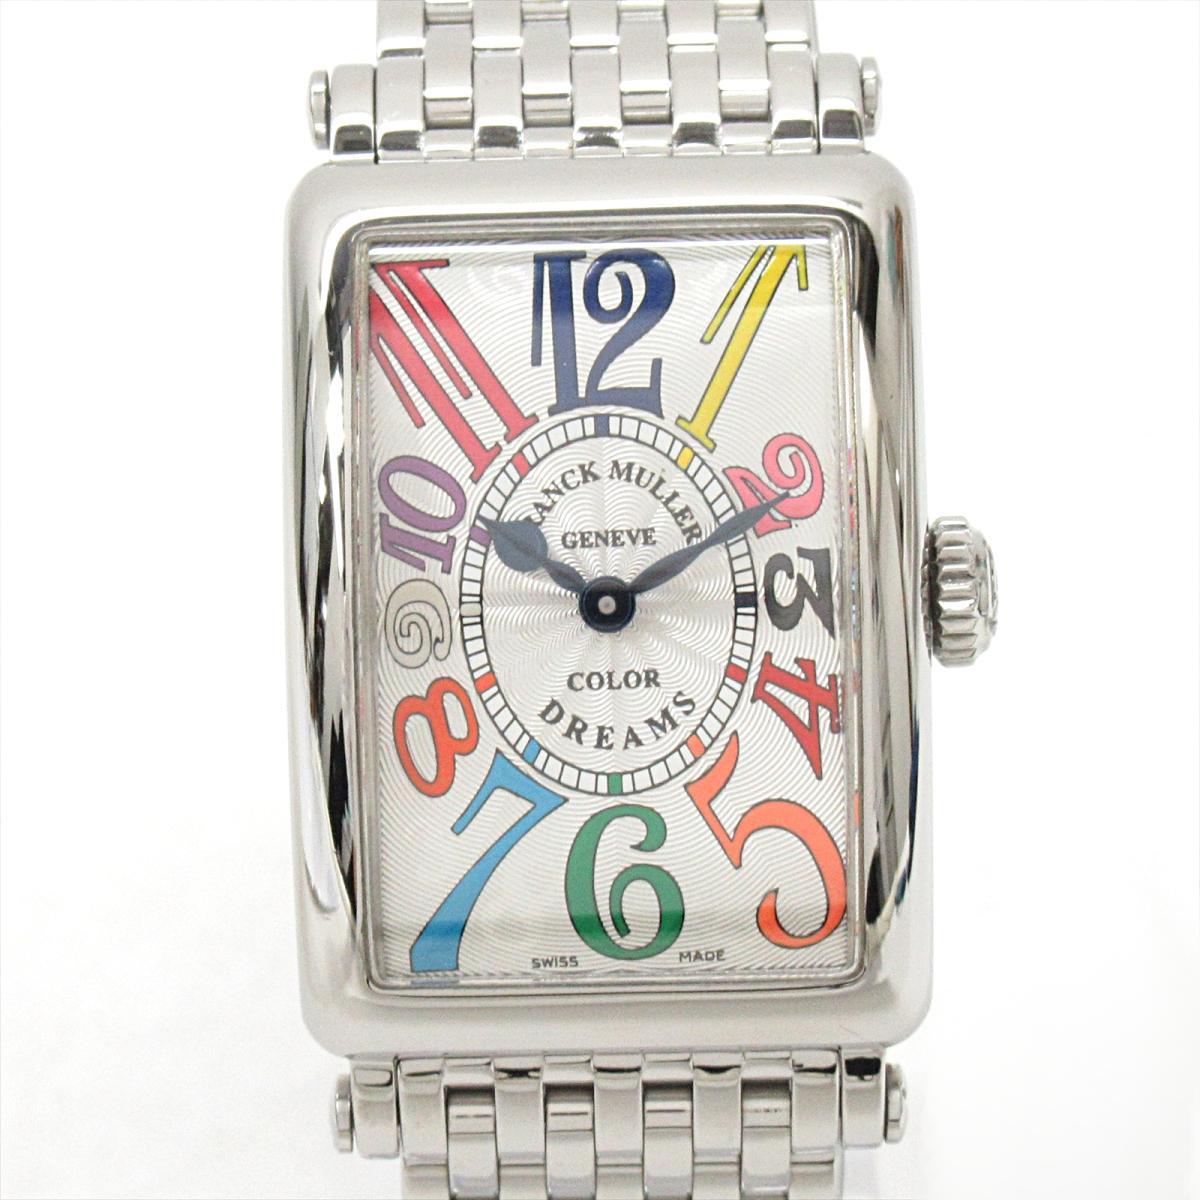 ロングアイランド カラードリーム 腕時計/おすすめ/SALE/